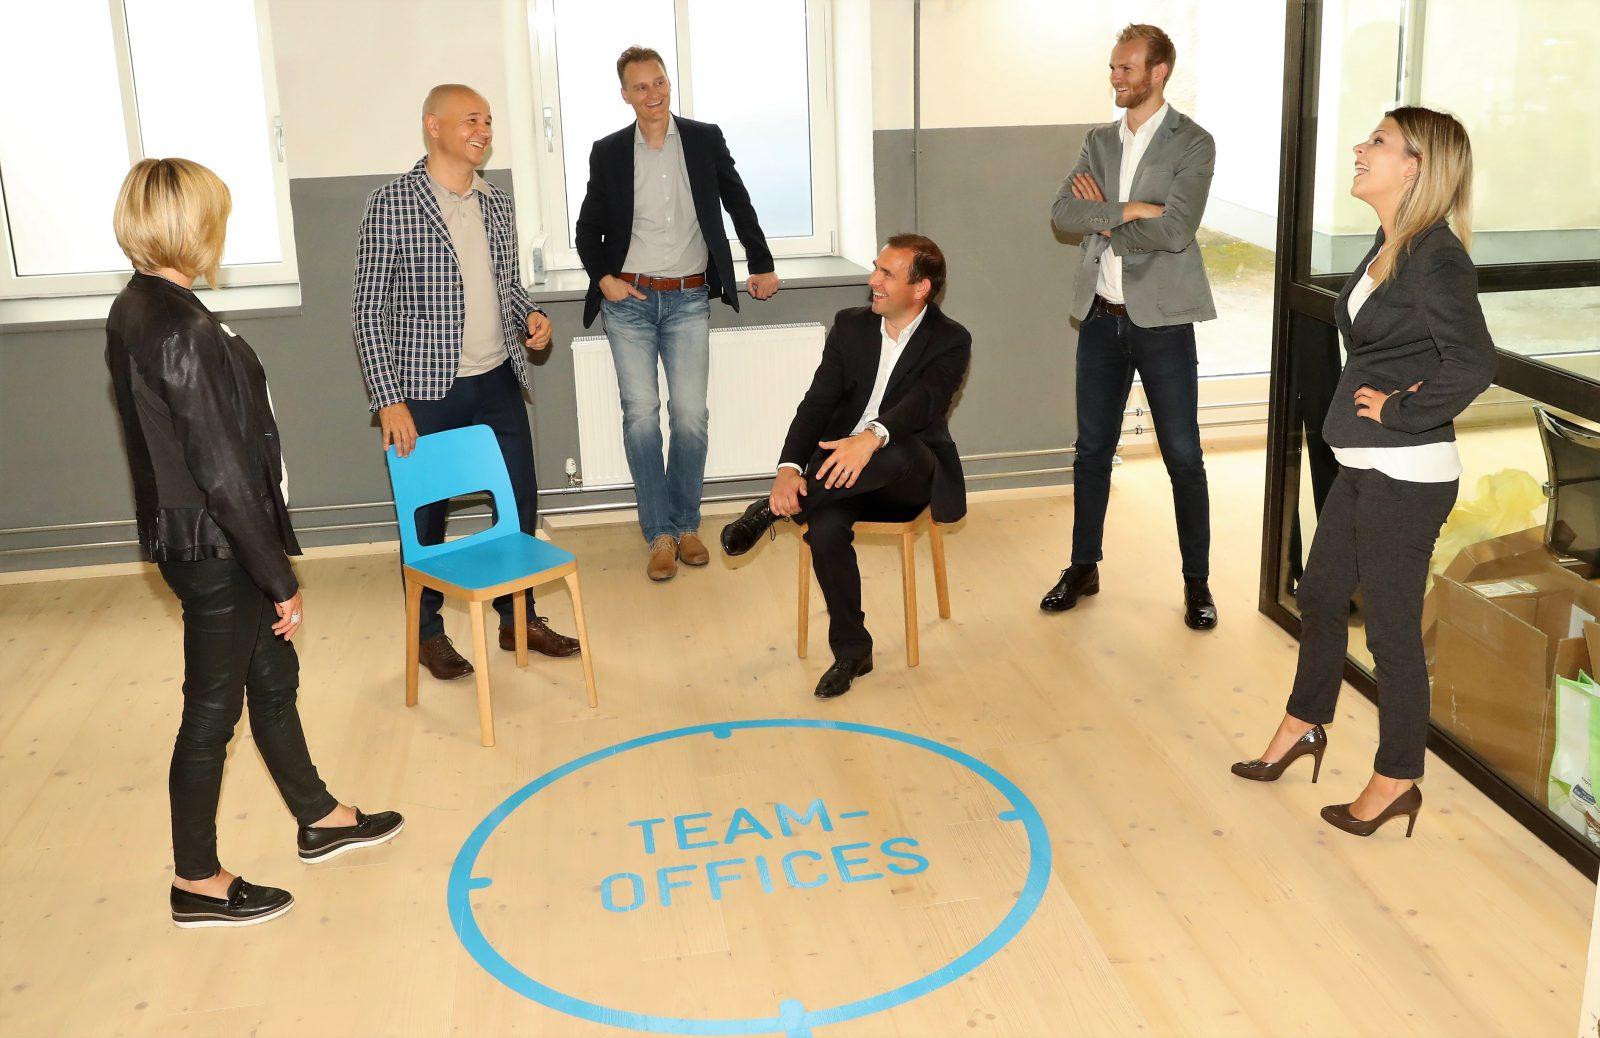 iak-institut-fuer-angewandte-kreativitaet-team-innovation-workshop-seminar-mission-vision-ziel-trainer-change-fuehrung-iak-at